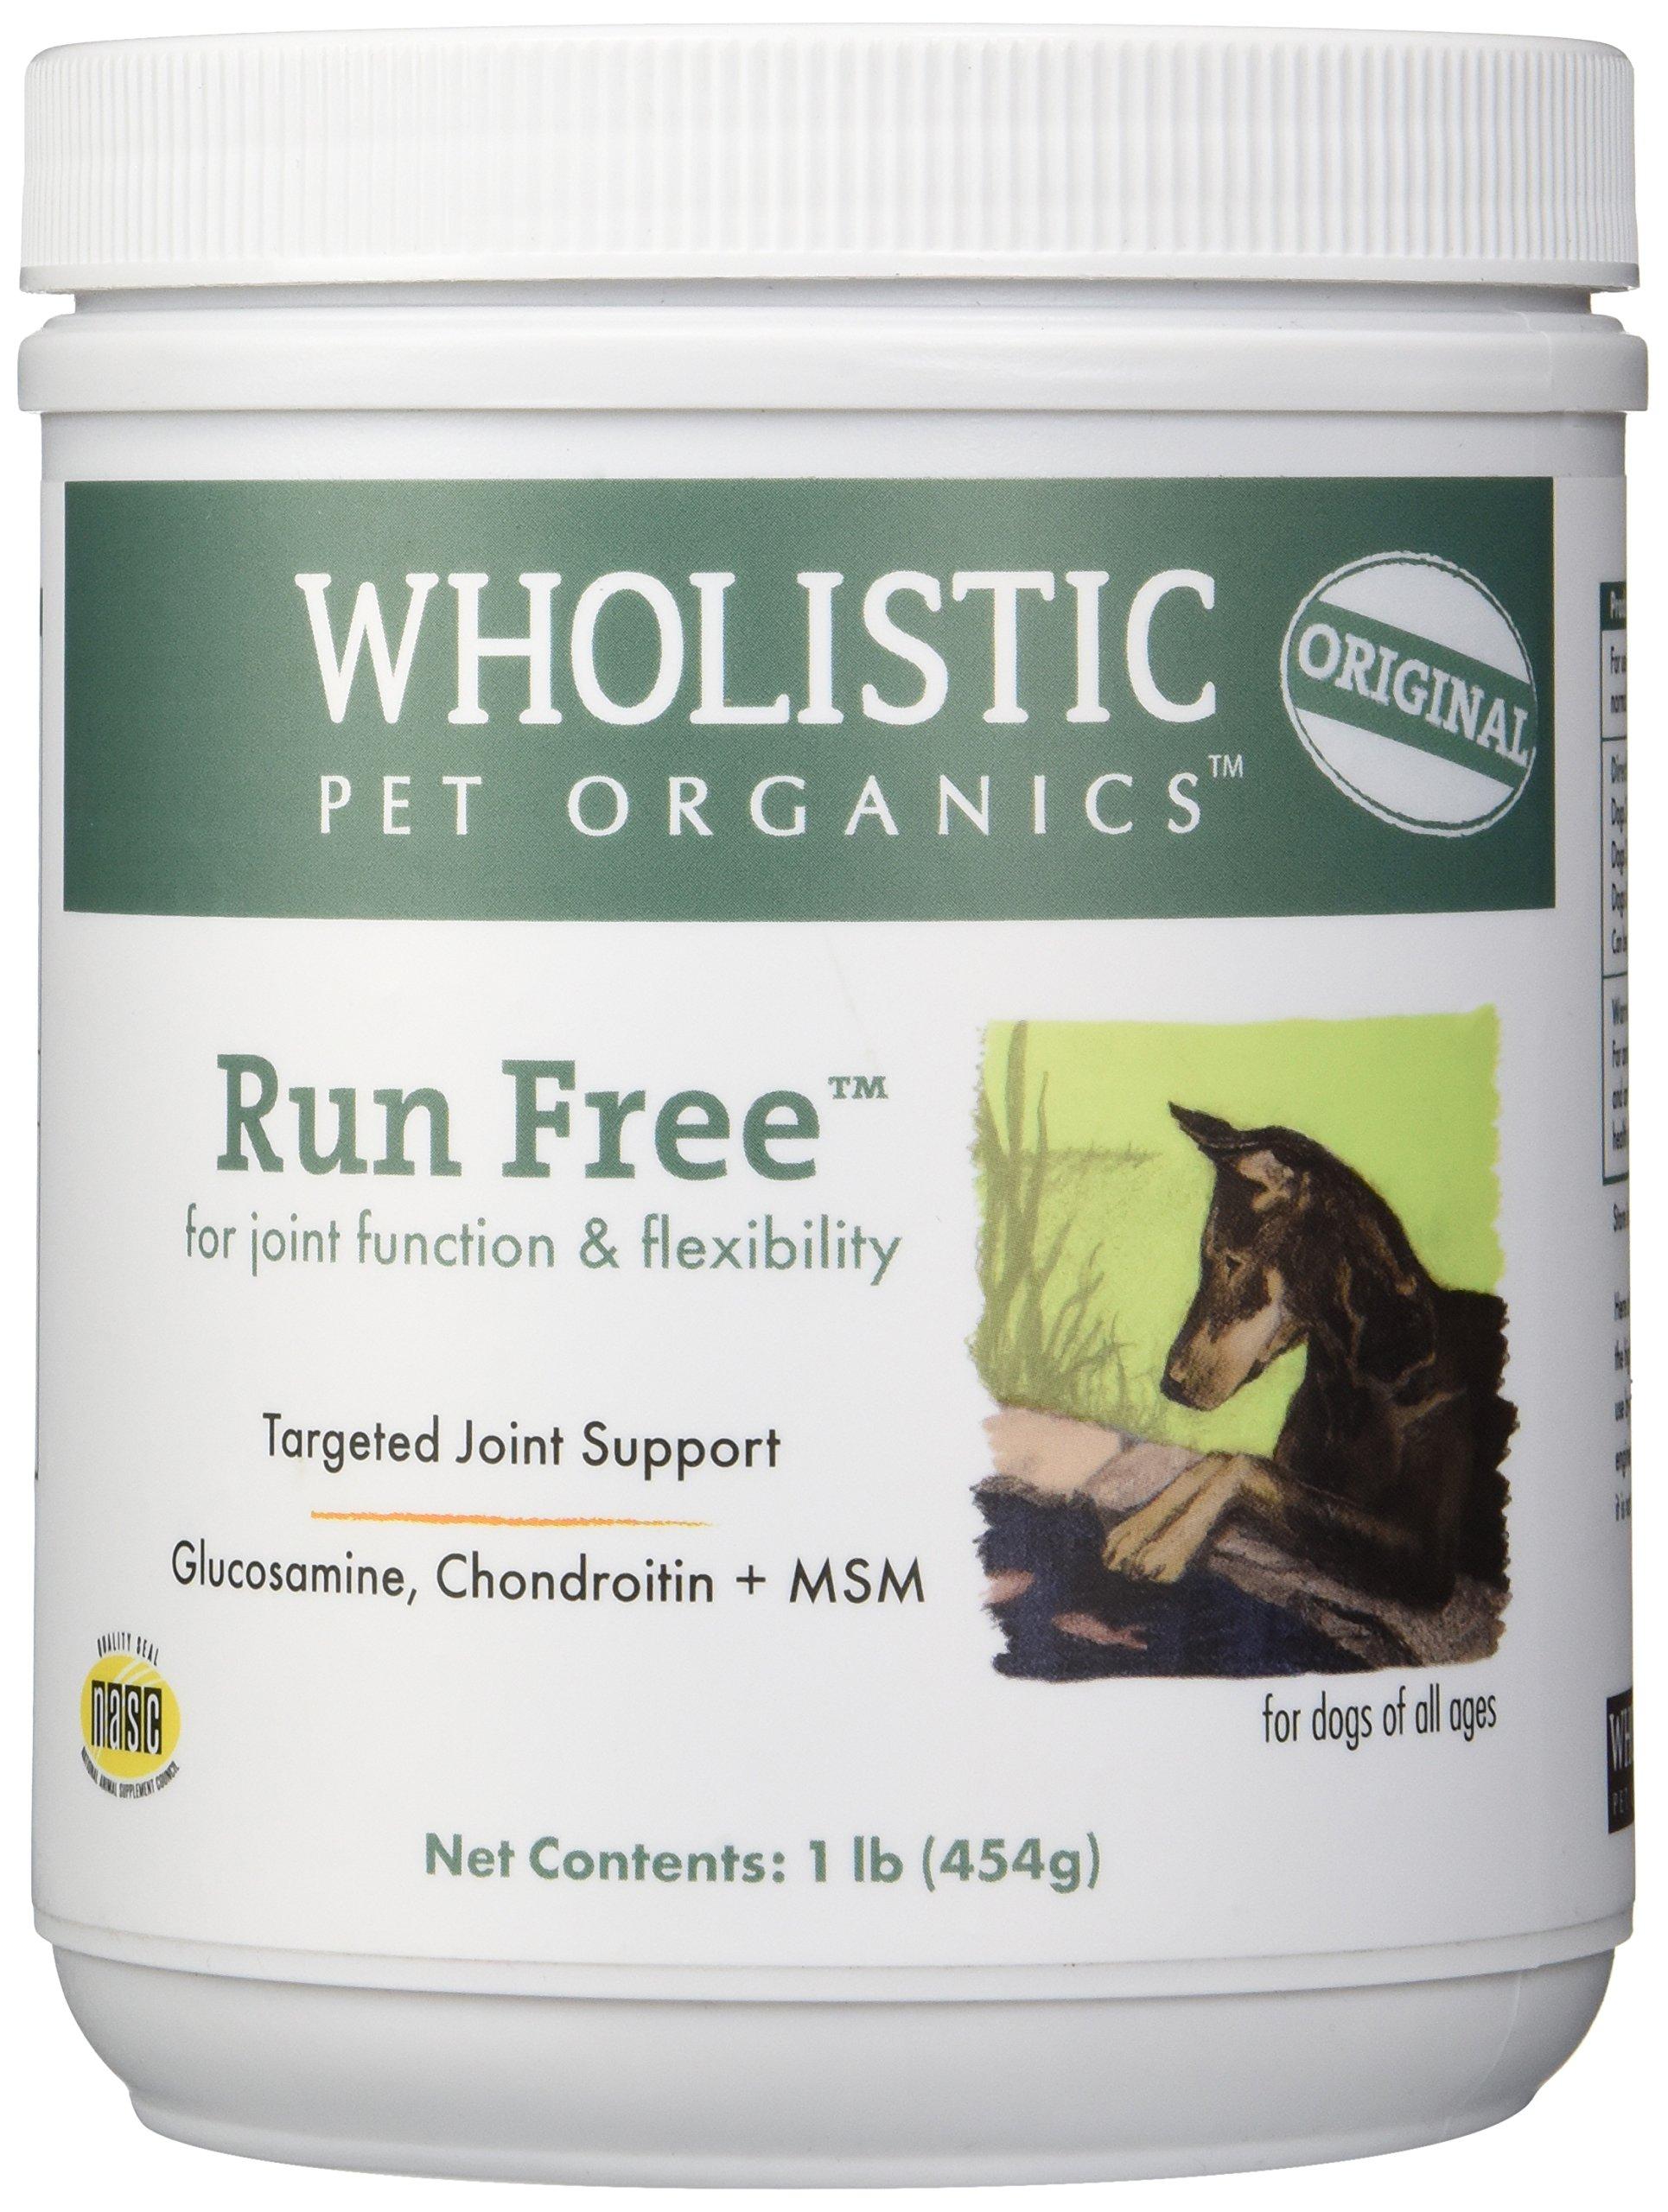 Wholistic Pet Organics Run Free Supplement, 1 lb